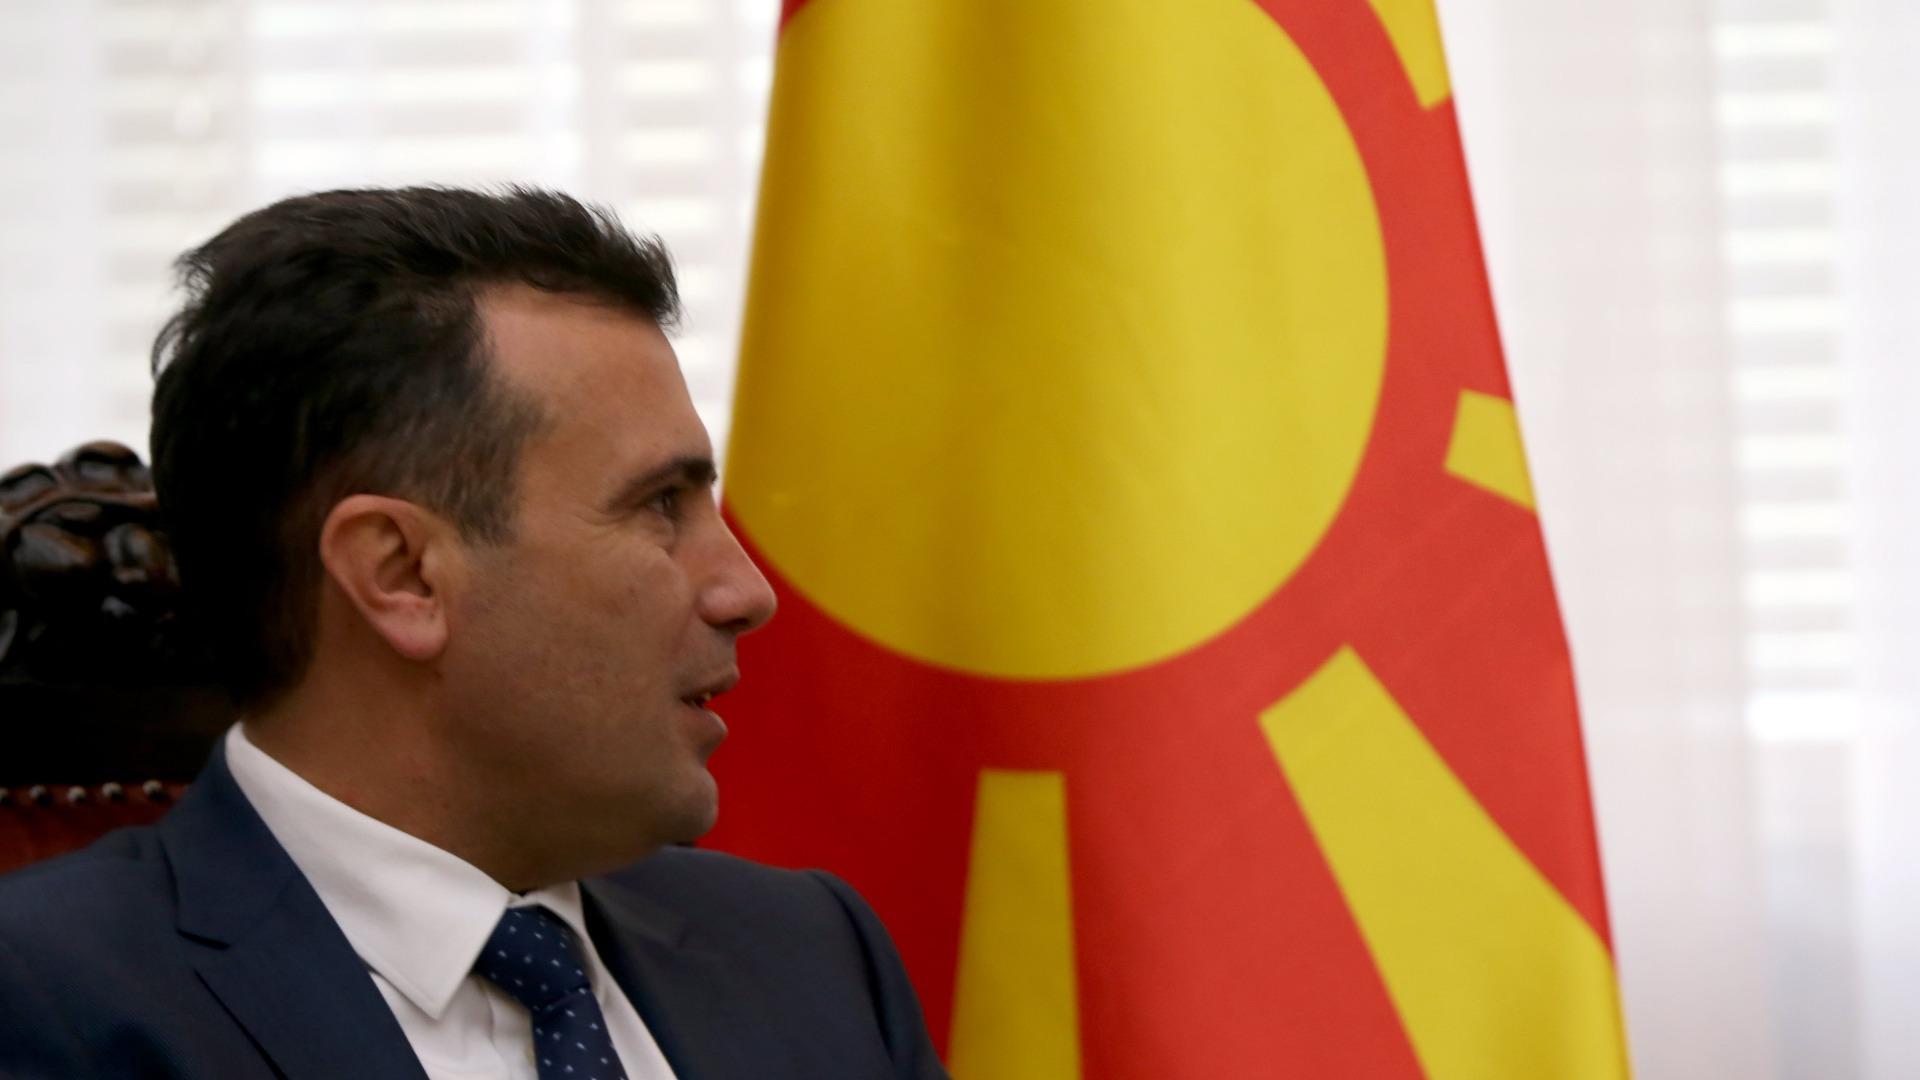 Mакедонският премиер Зоран Заев